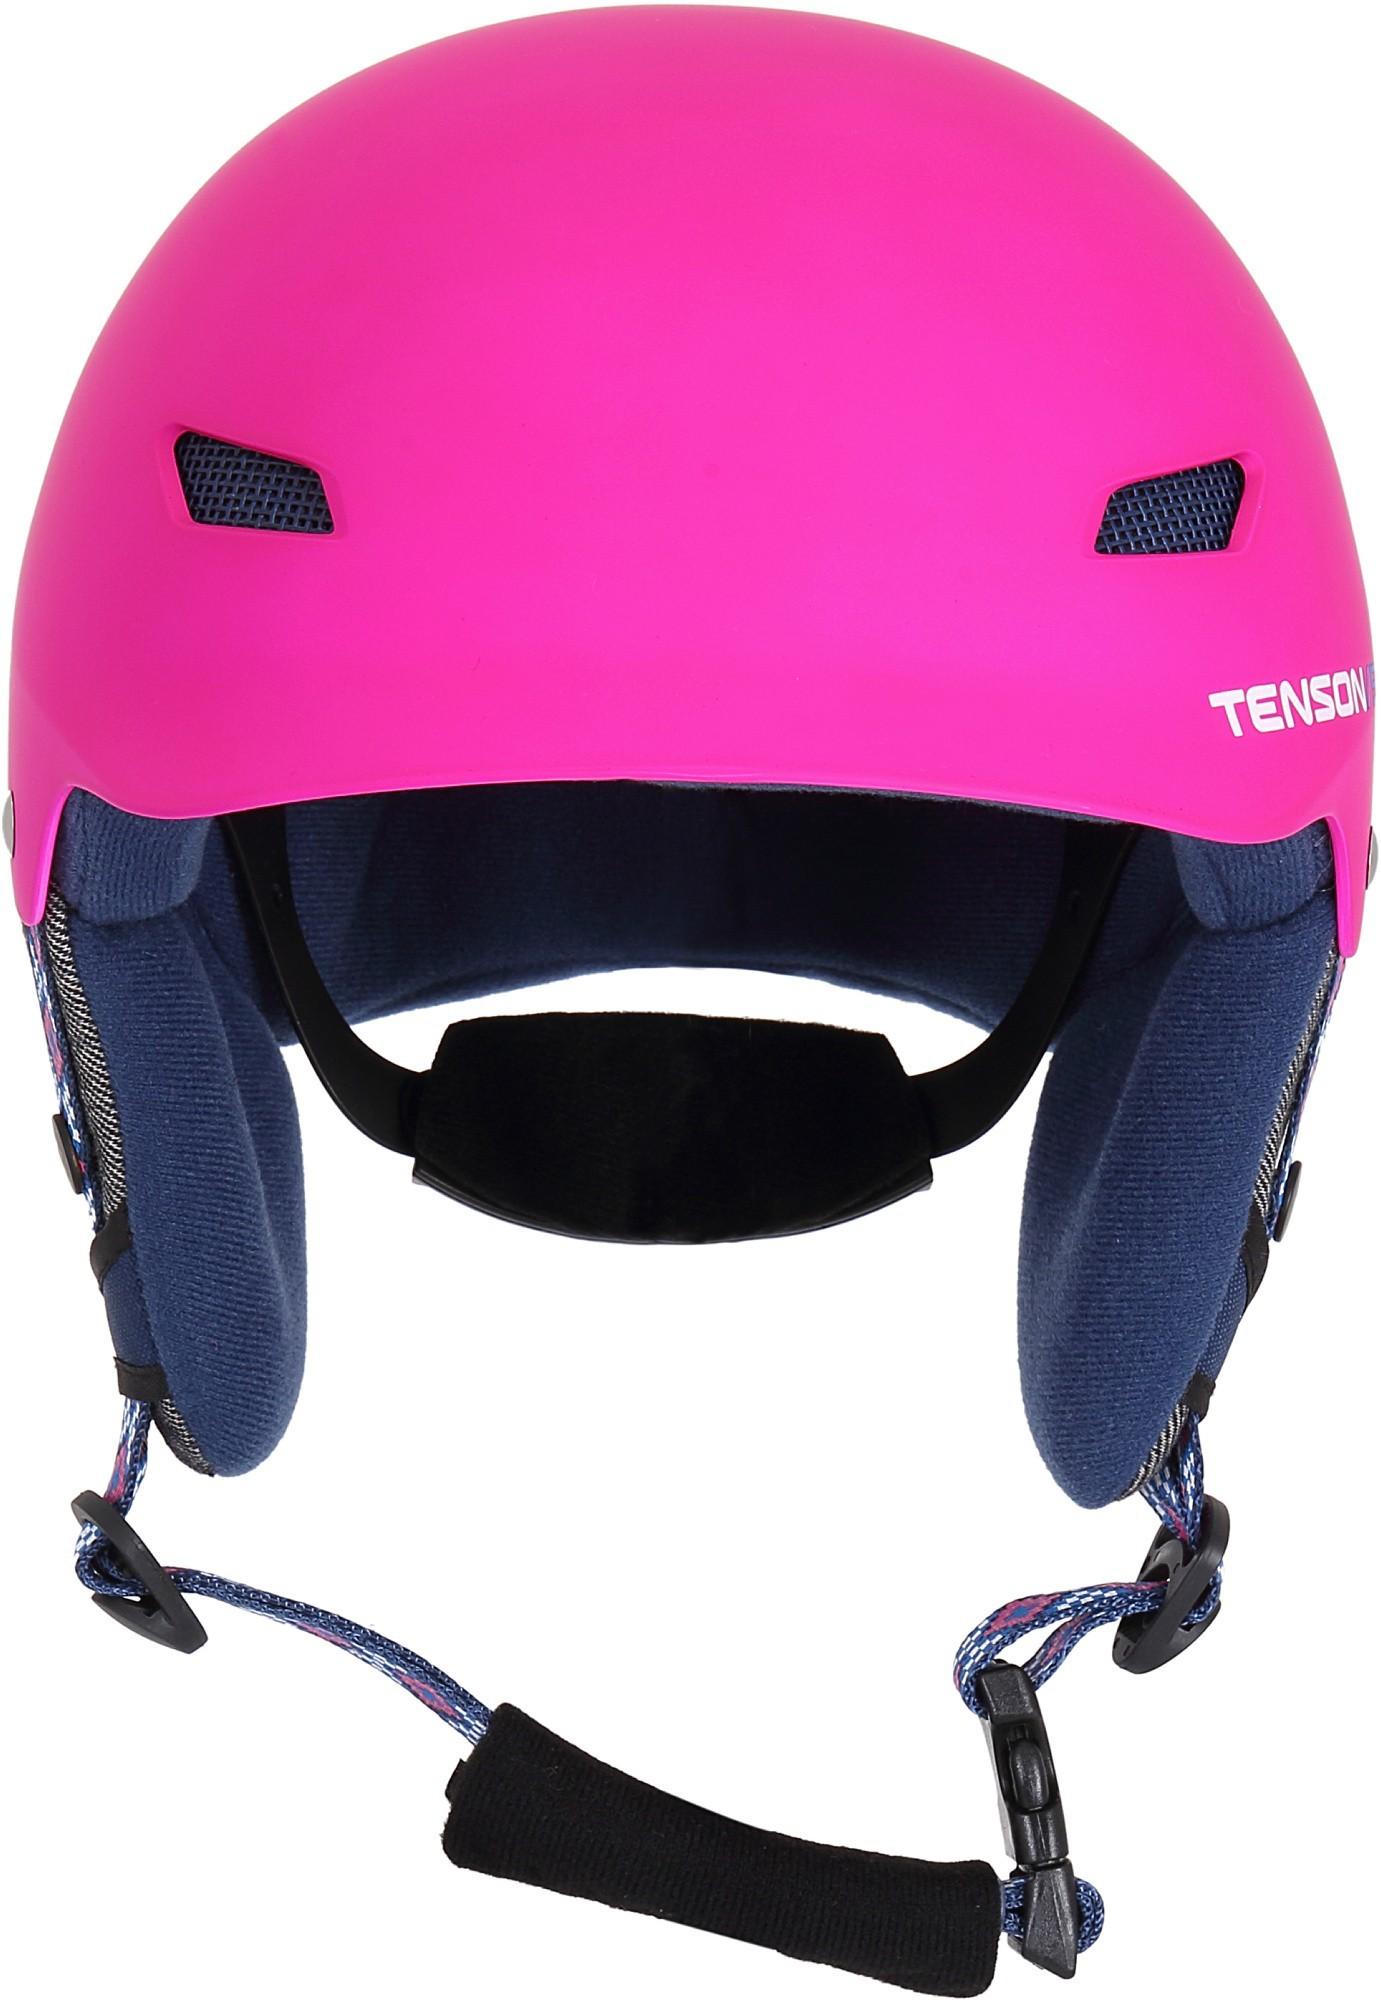 Kask narciarski dziecięcy Tenson PARK, różowy one size